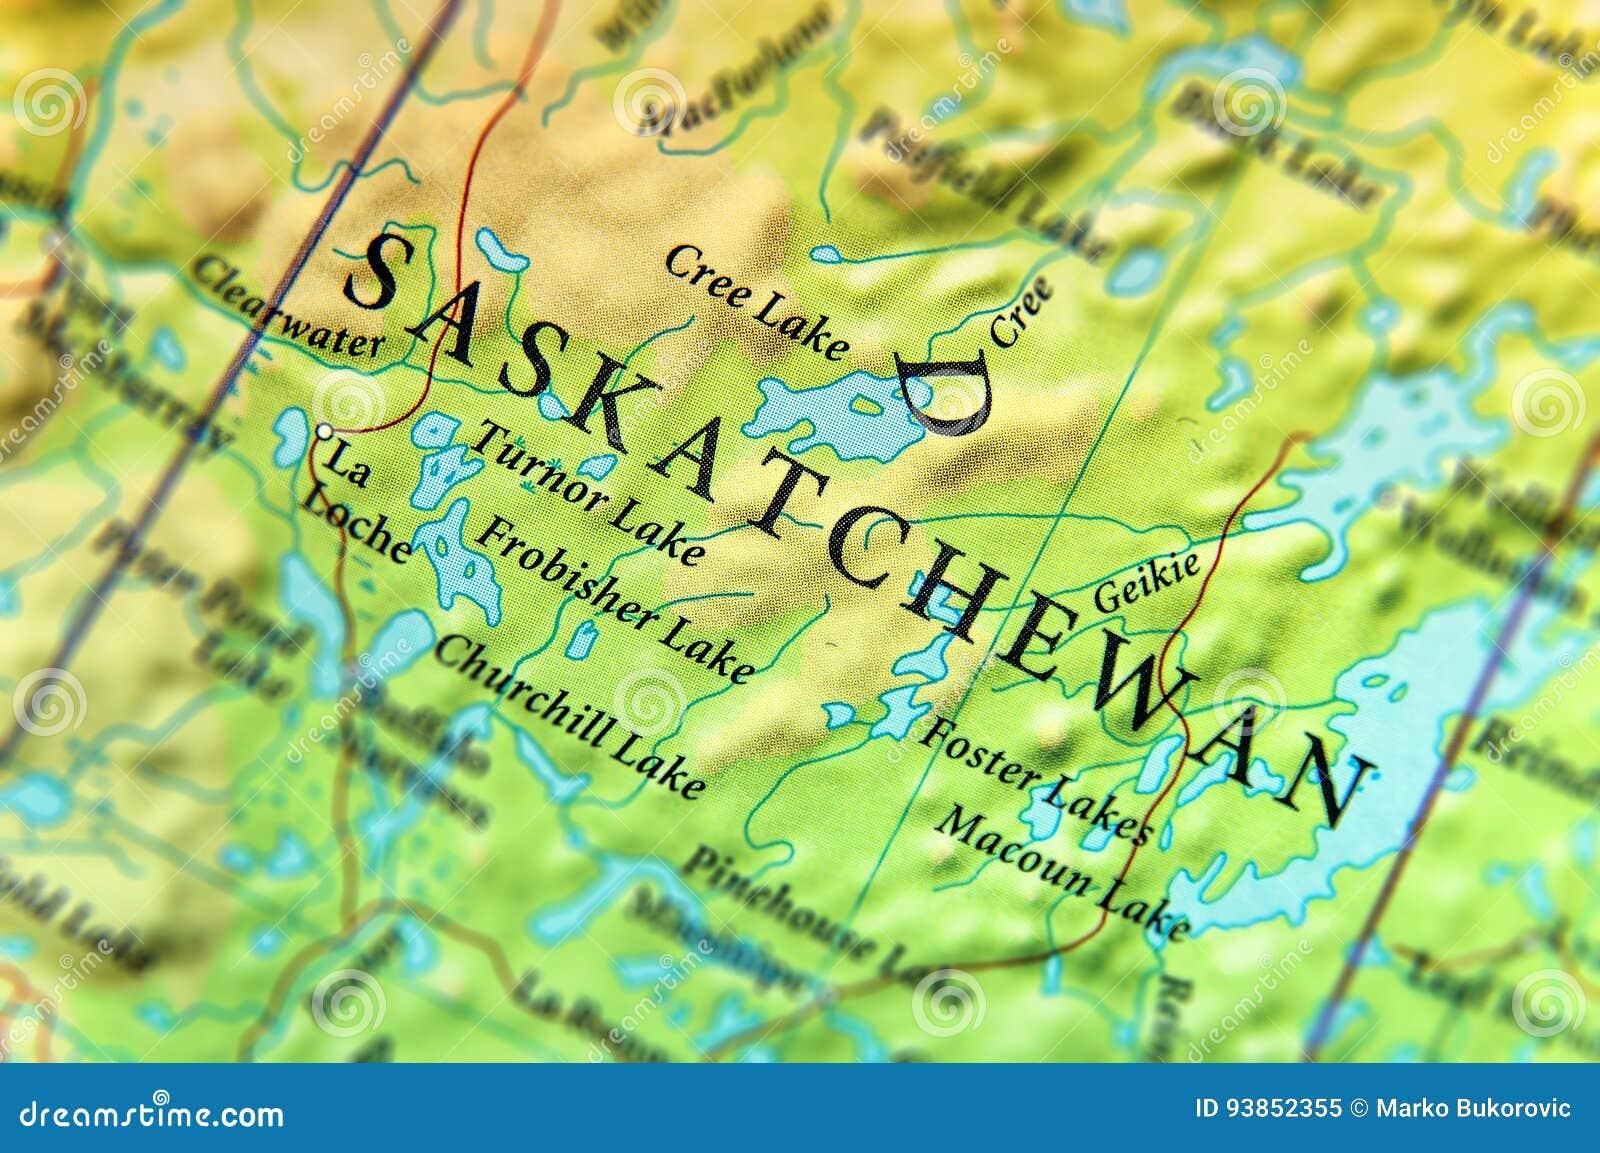 Mappa Geografica Dello Stato Saskatchewan Del Canada Con Le Città